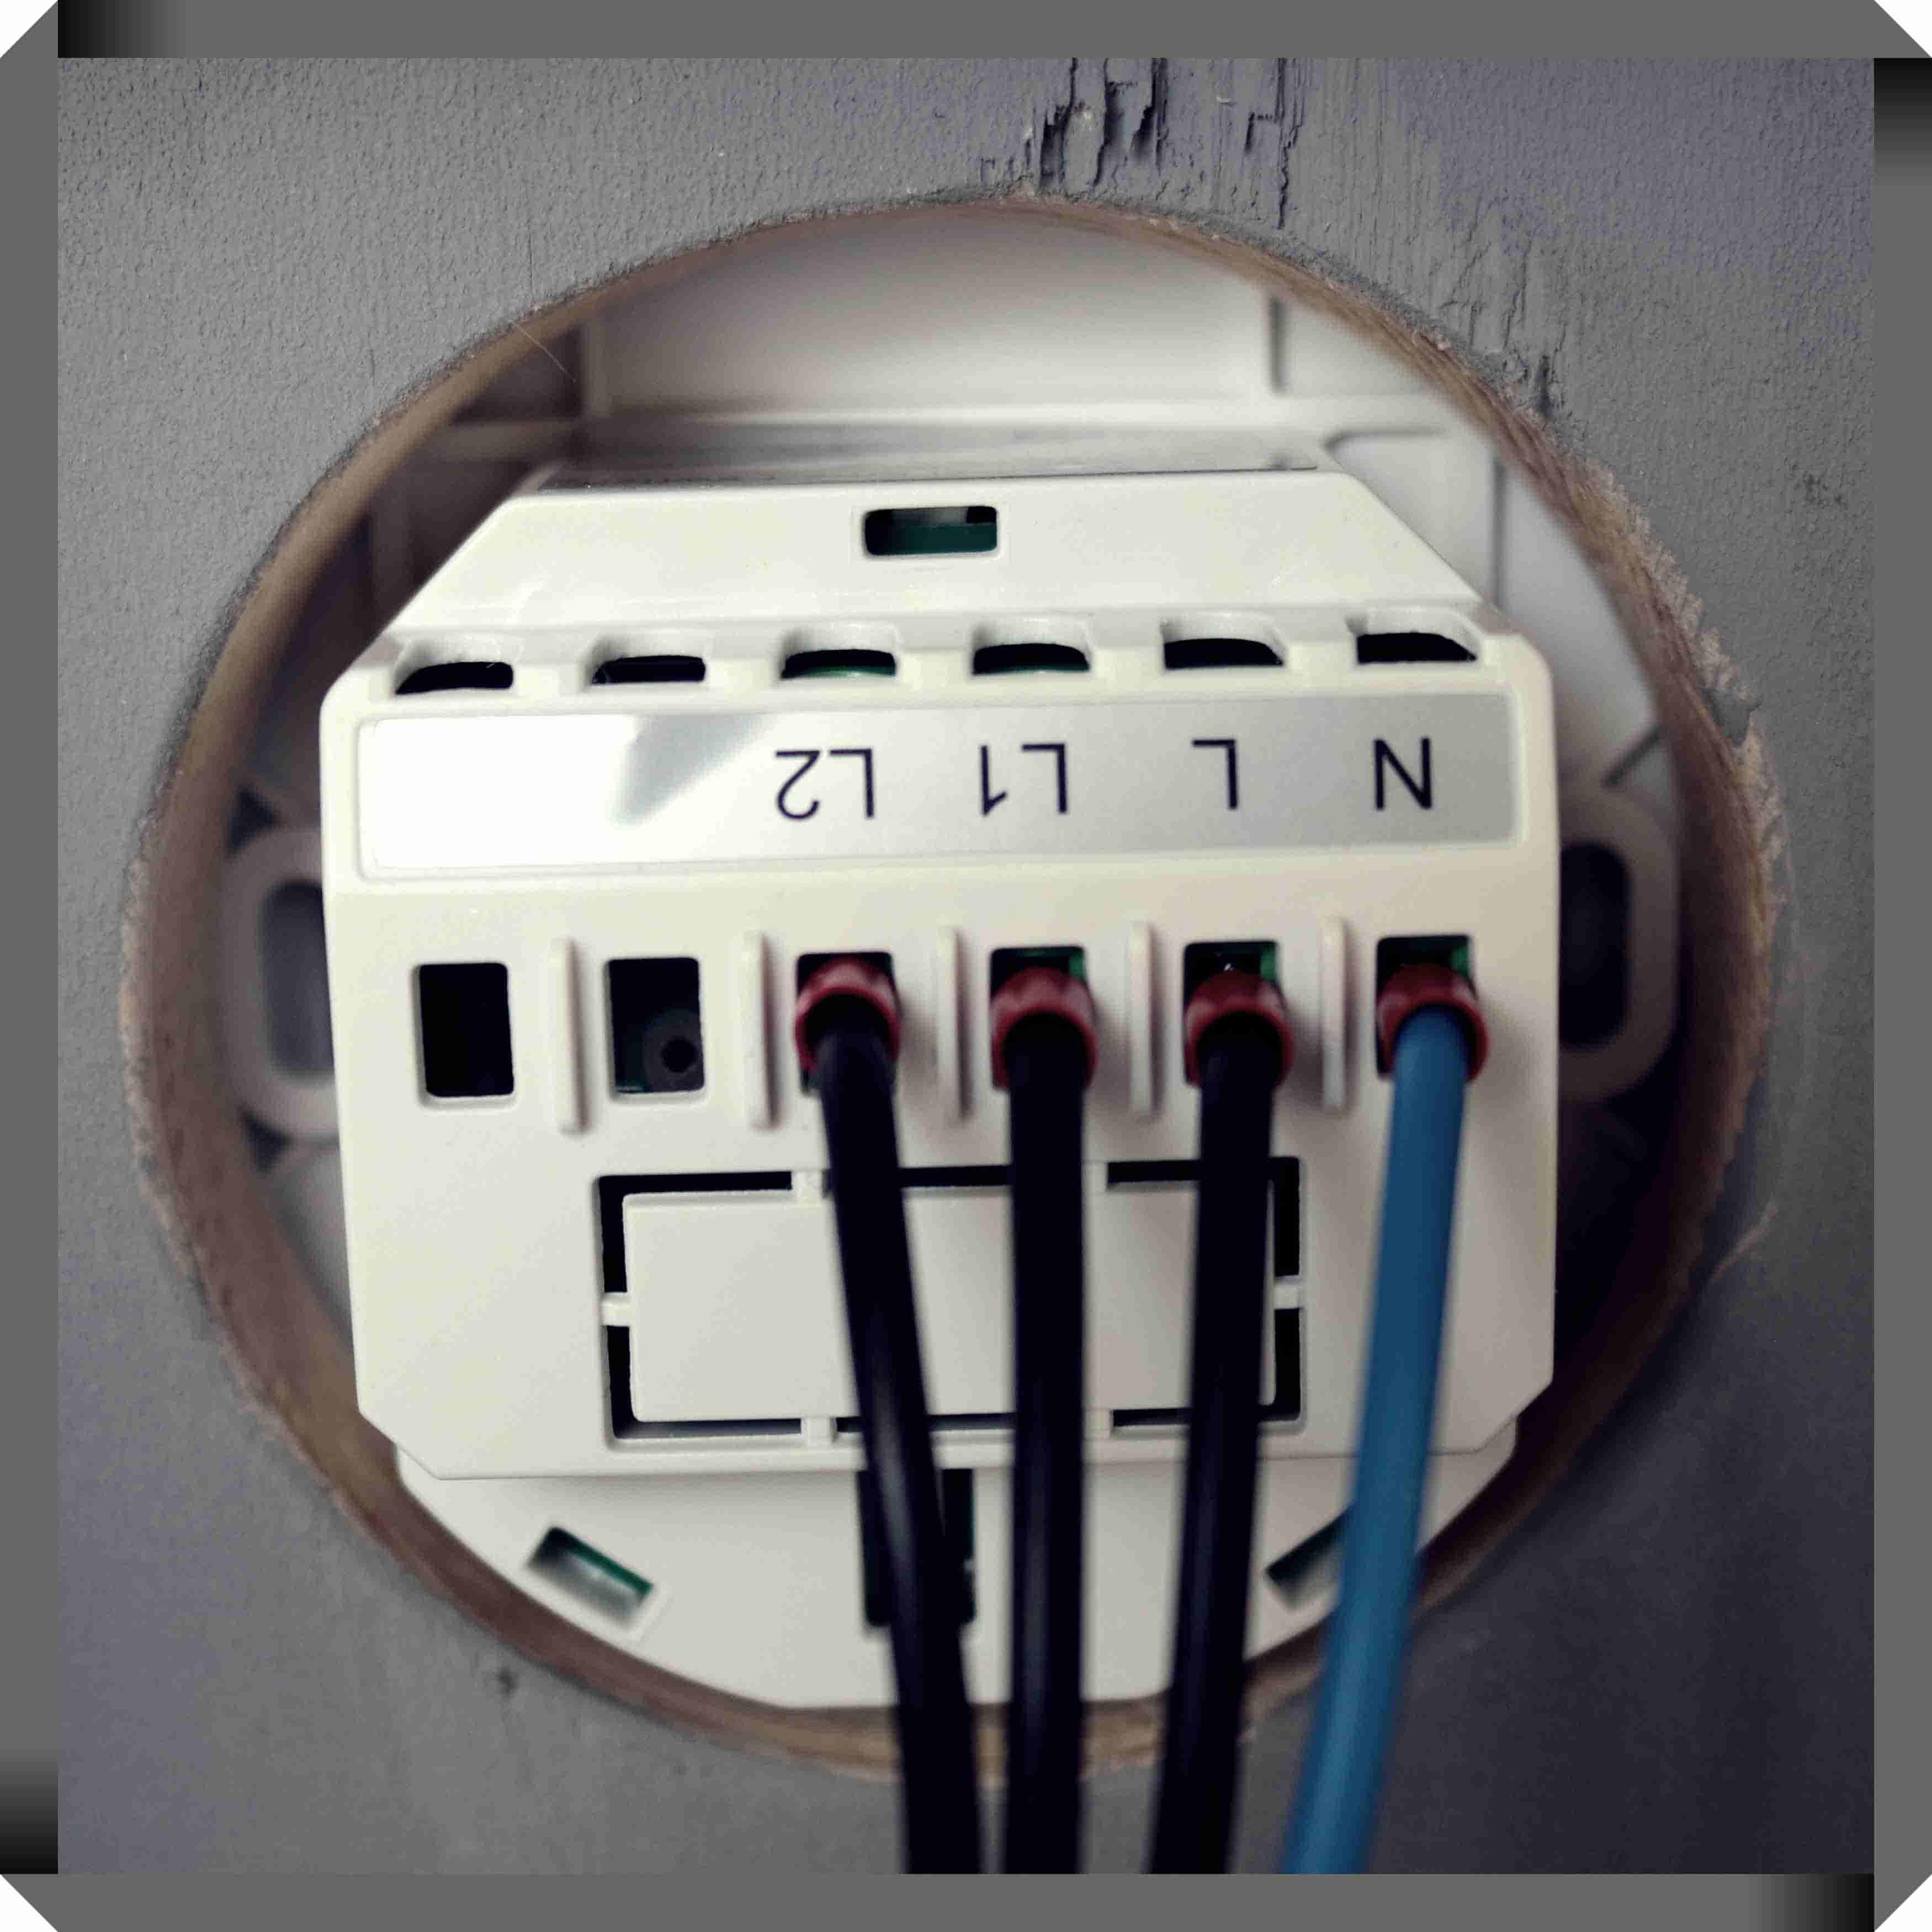 Wlan Lichtschalter installieren - WLAN Lichtschalter einbauen ...